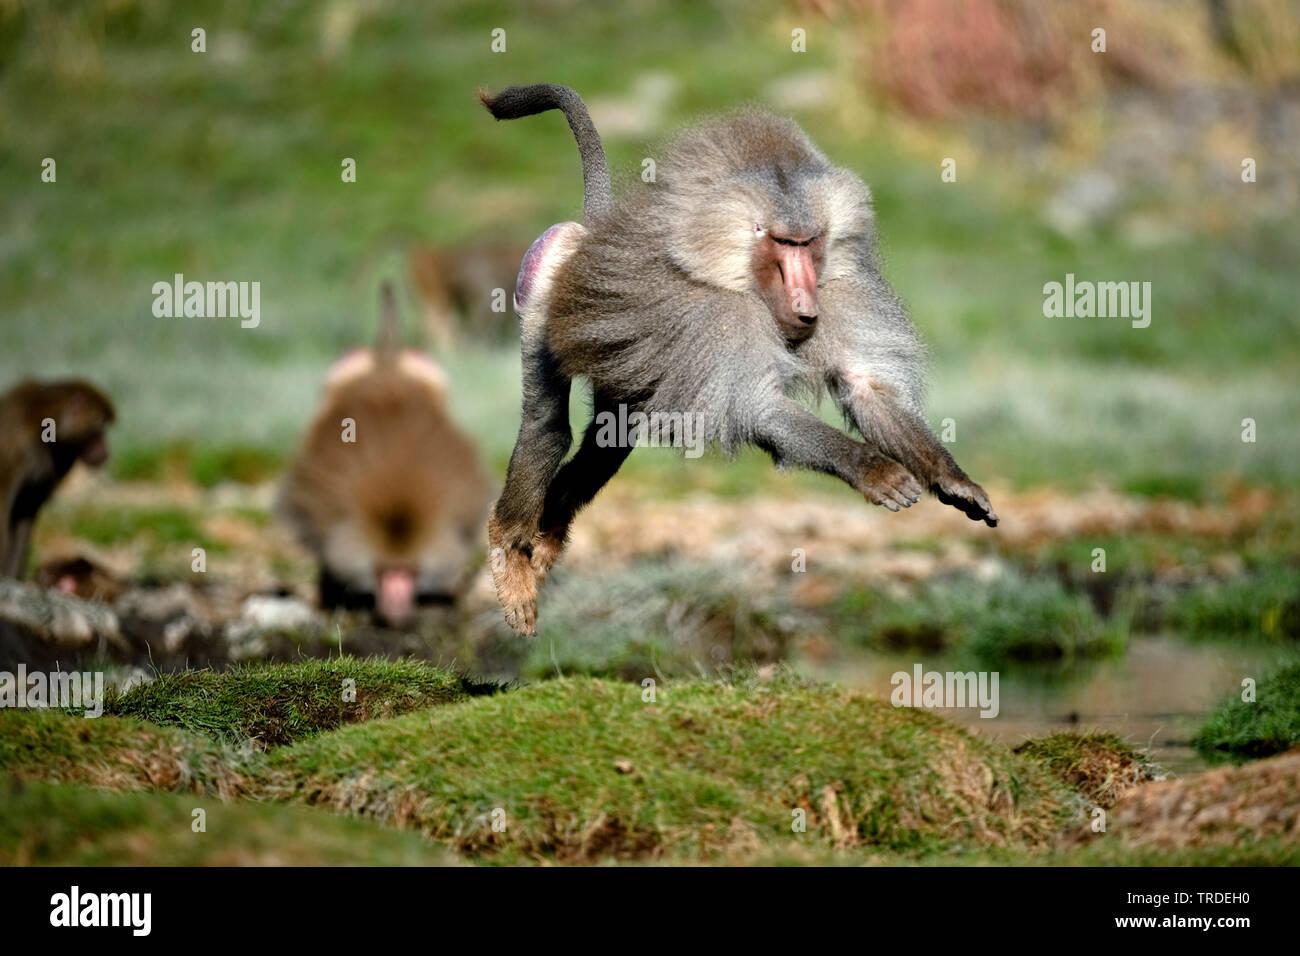 Mantelpavian, Mantel-Pavian (Papio hamadryas), im Sprung, Aethiopien, Awash Nationalpark   hamadryas baboon, sacred baboon (Papio hamadryas), jumping, - Stock Image